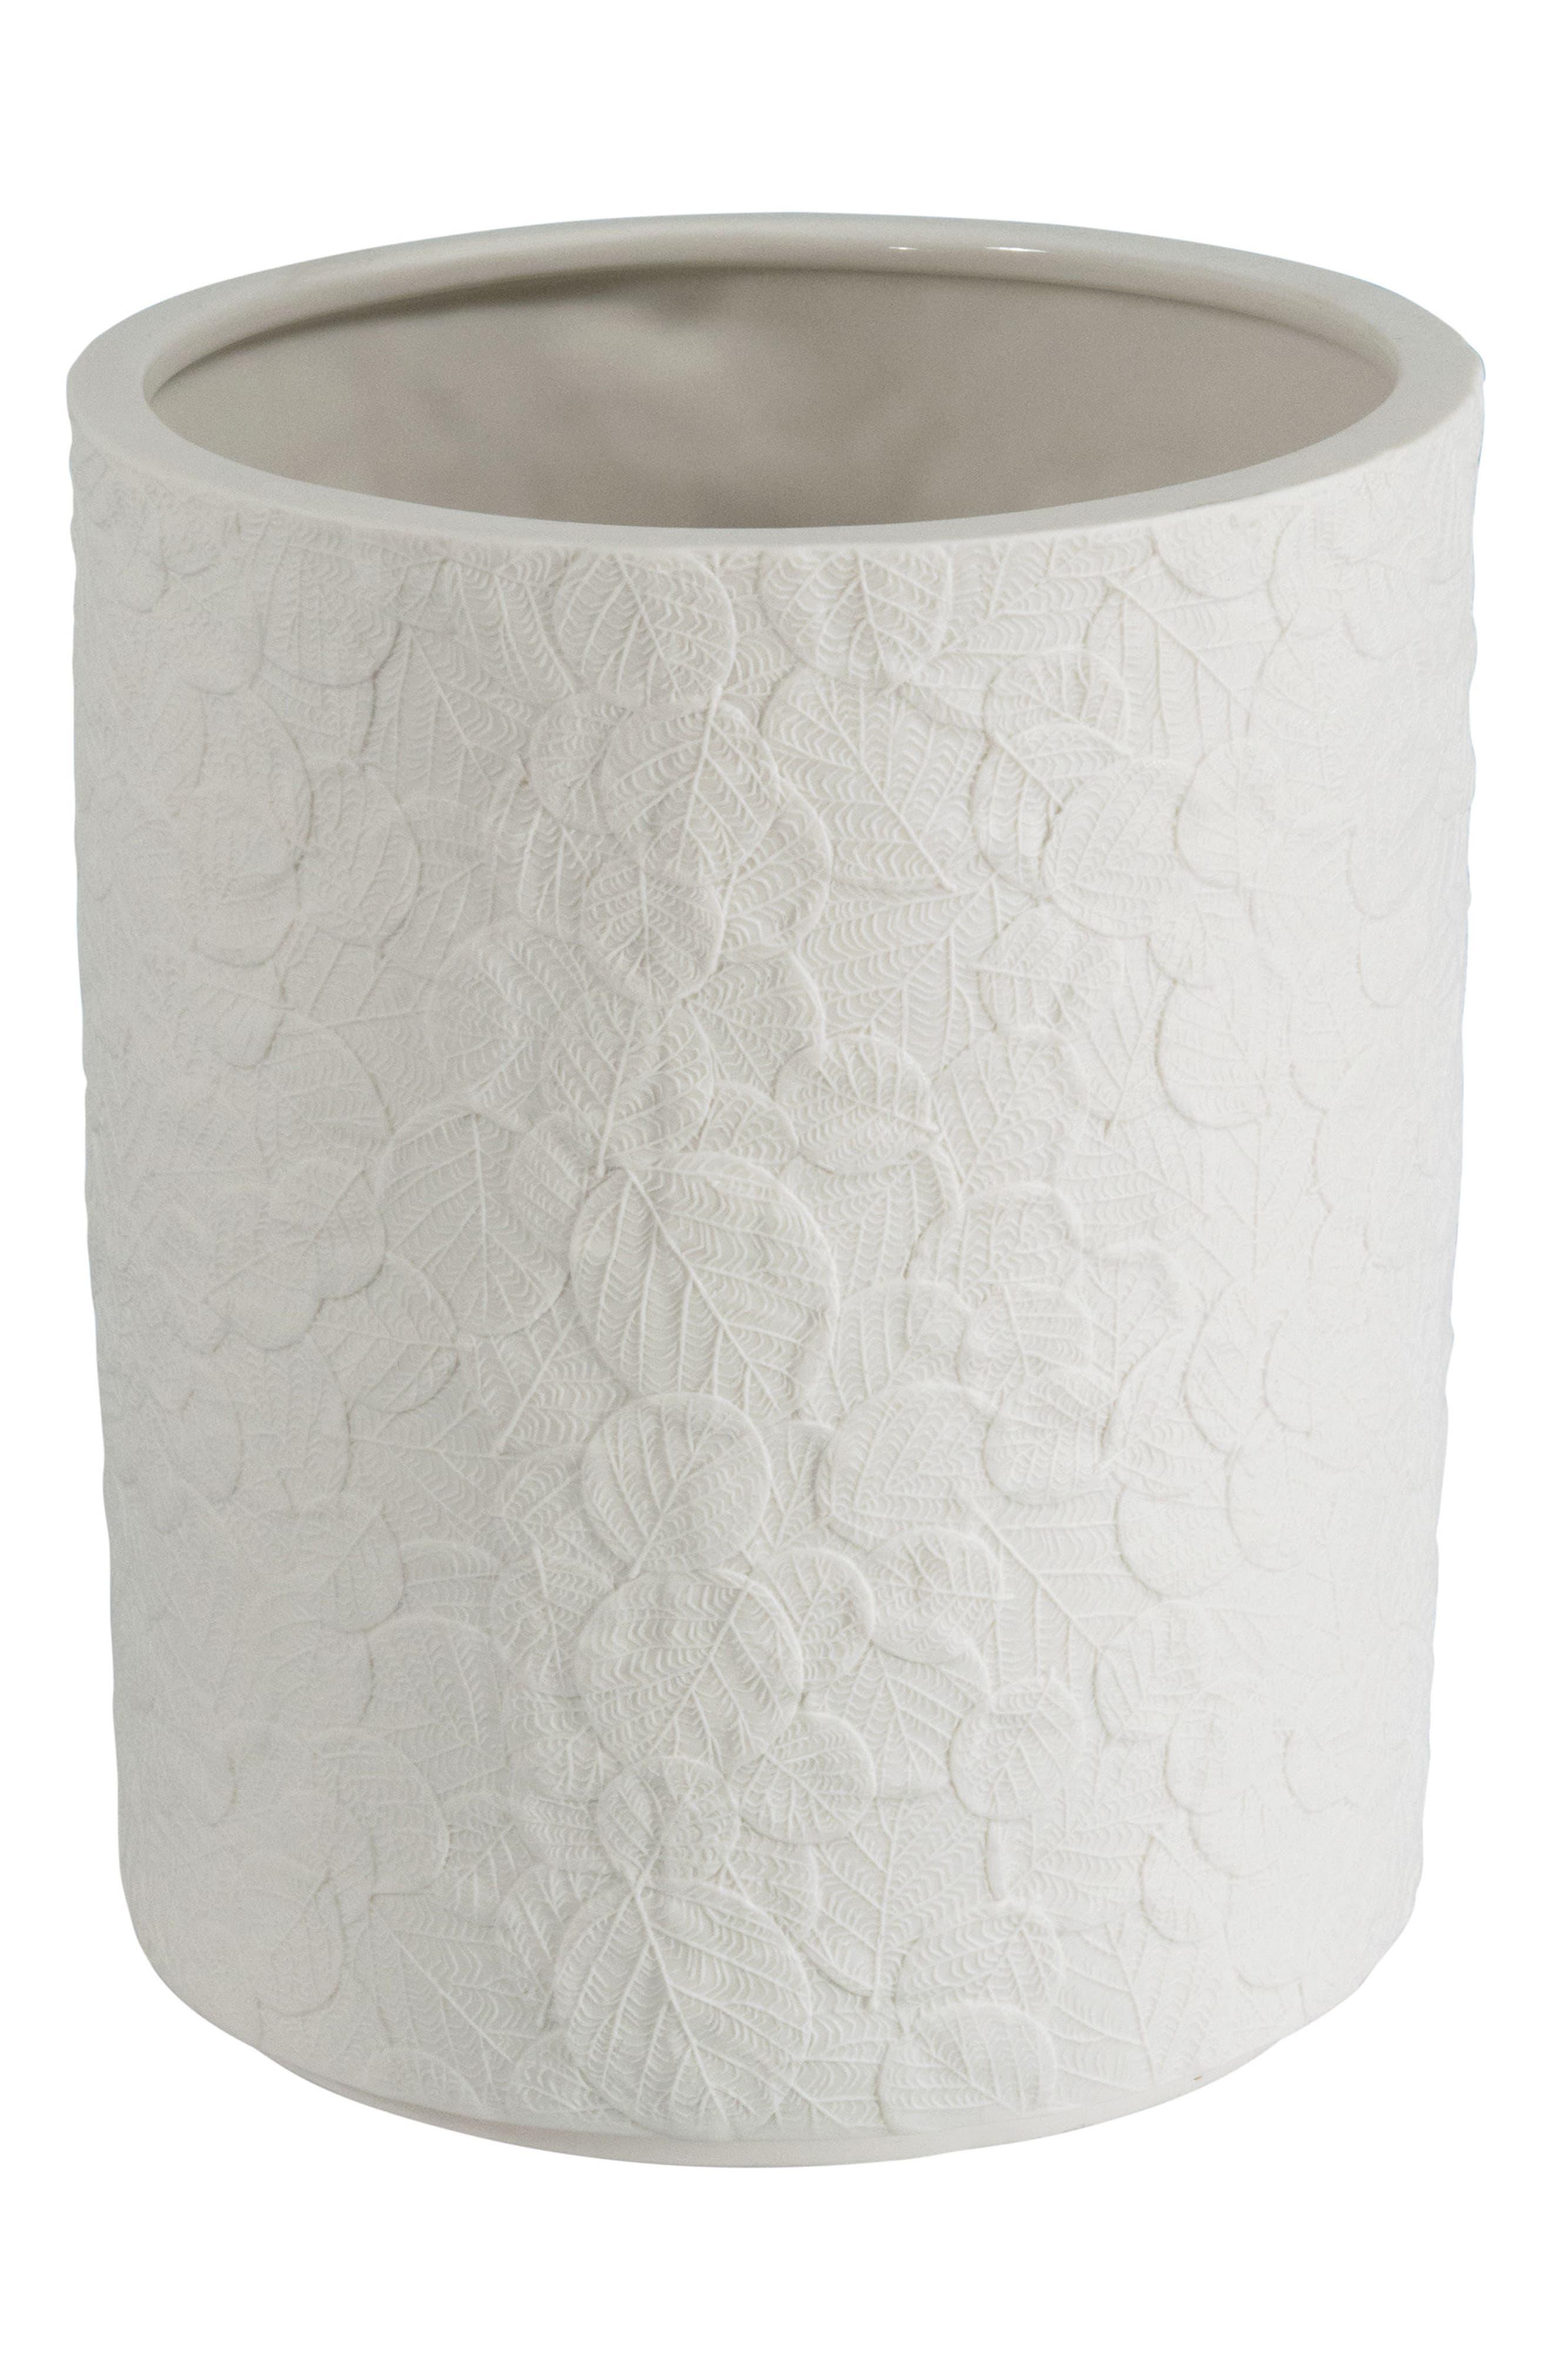 Michael Aram Botanical Leaf Porcelain Wastebasket